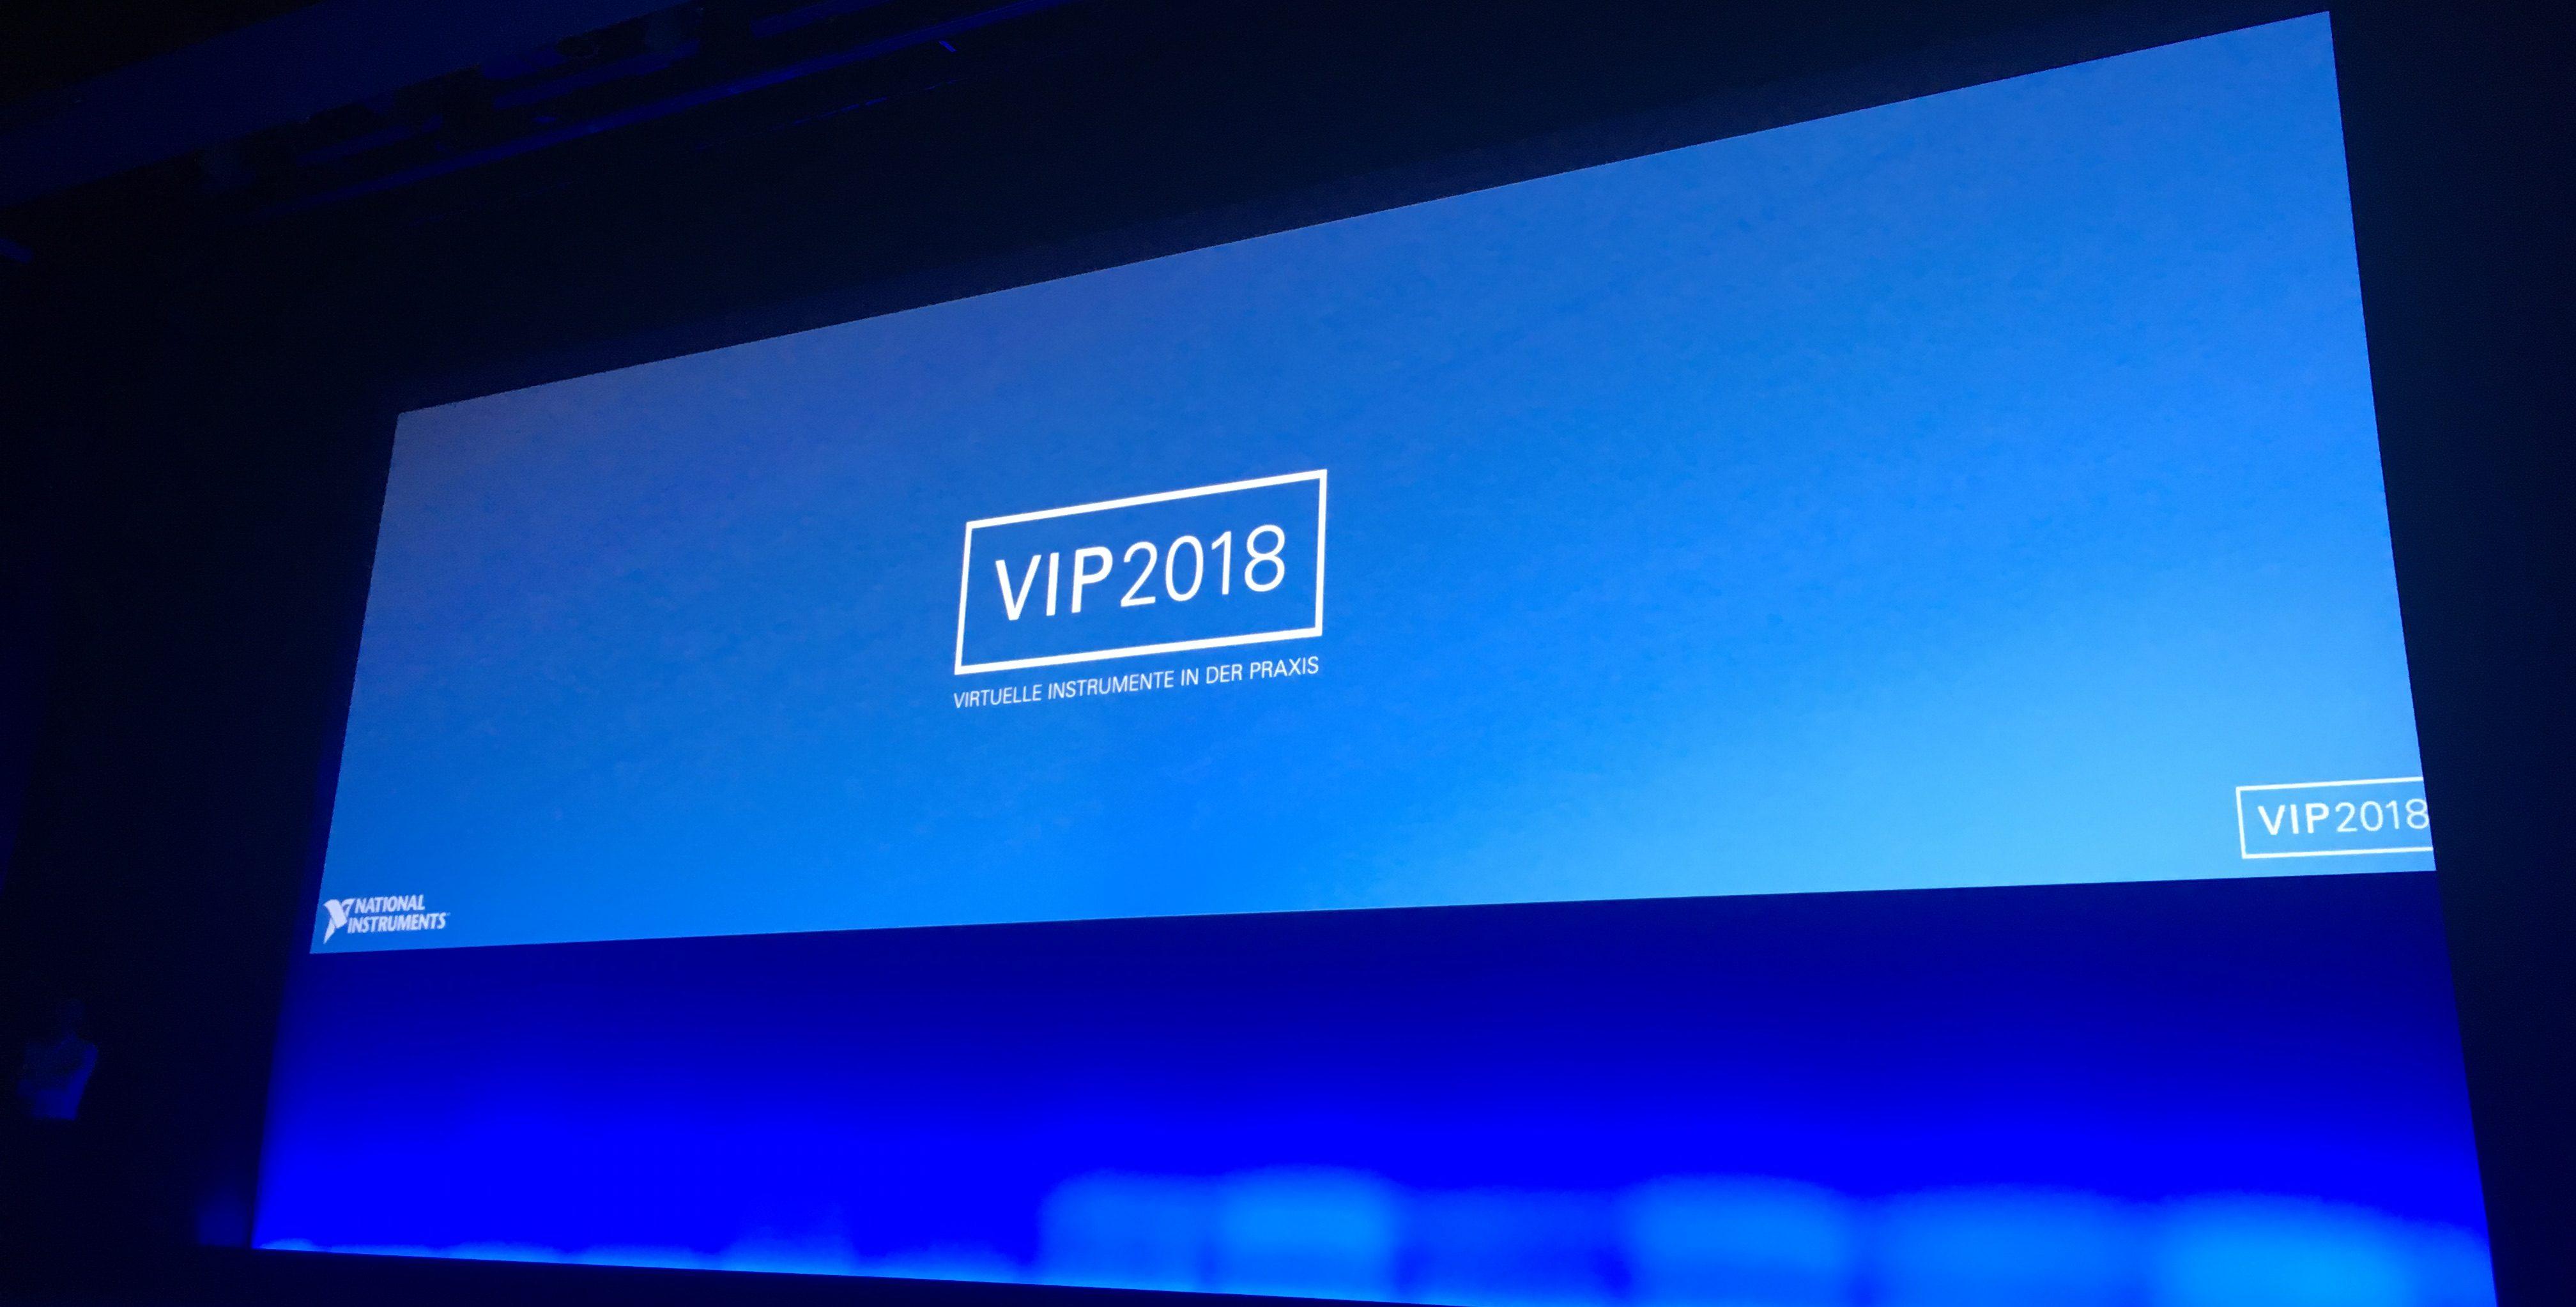 NI VIP 2018